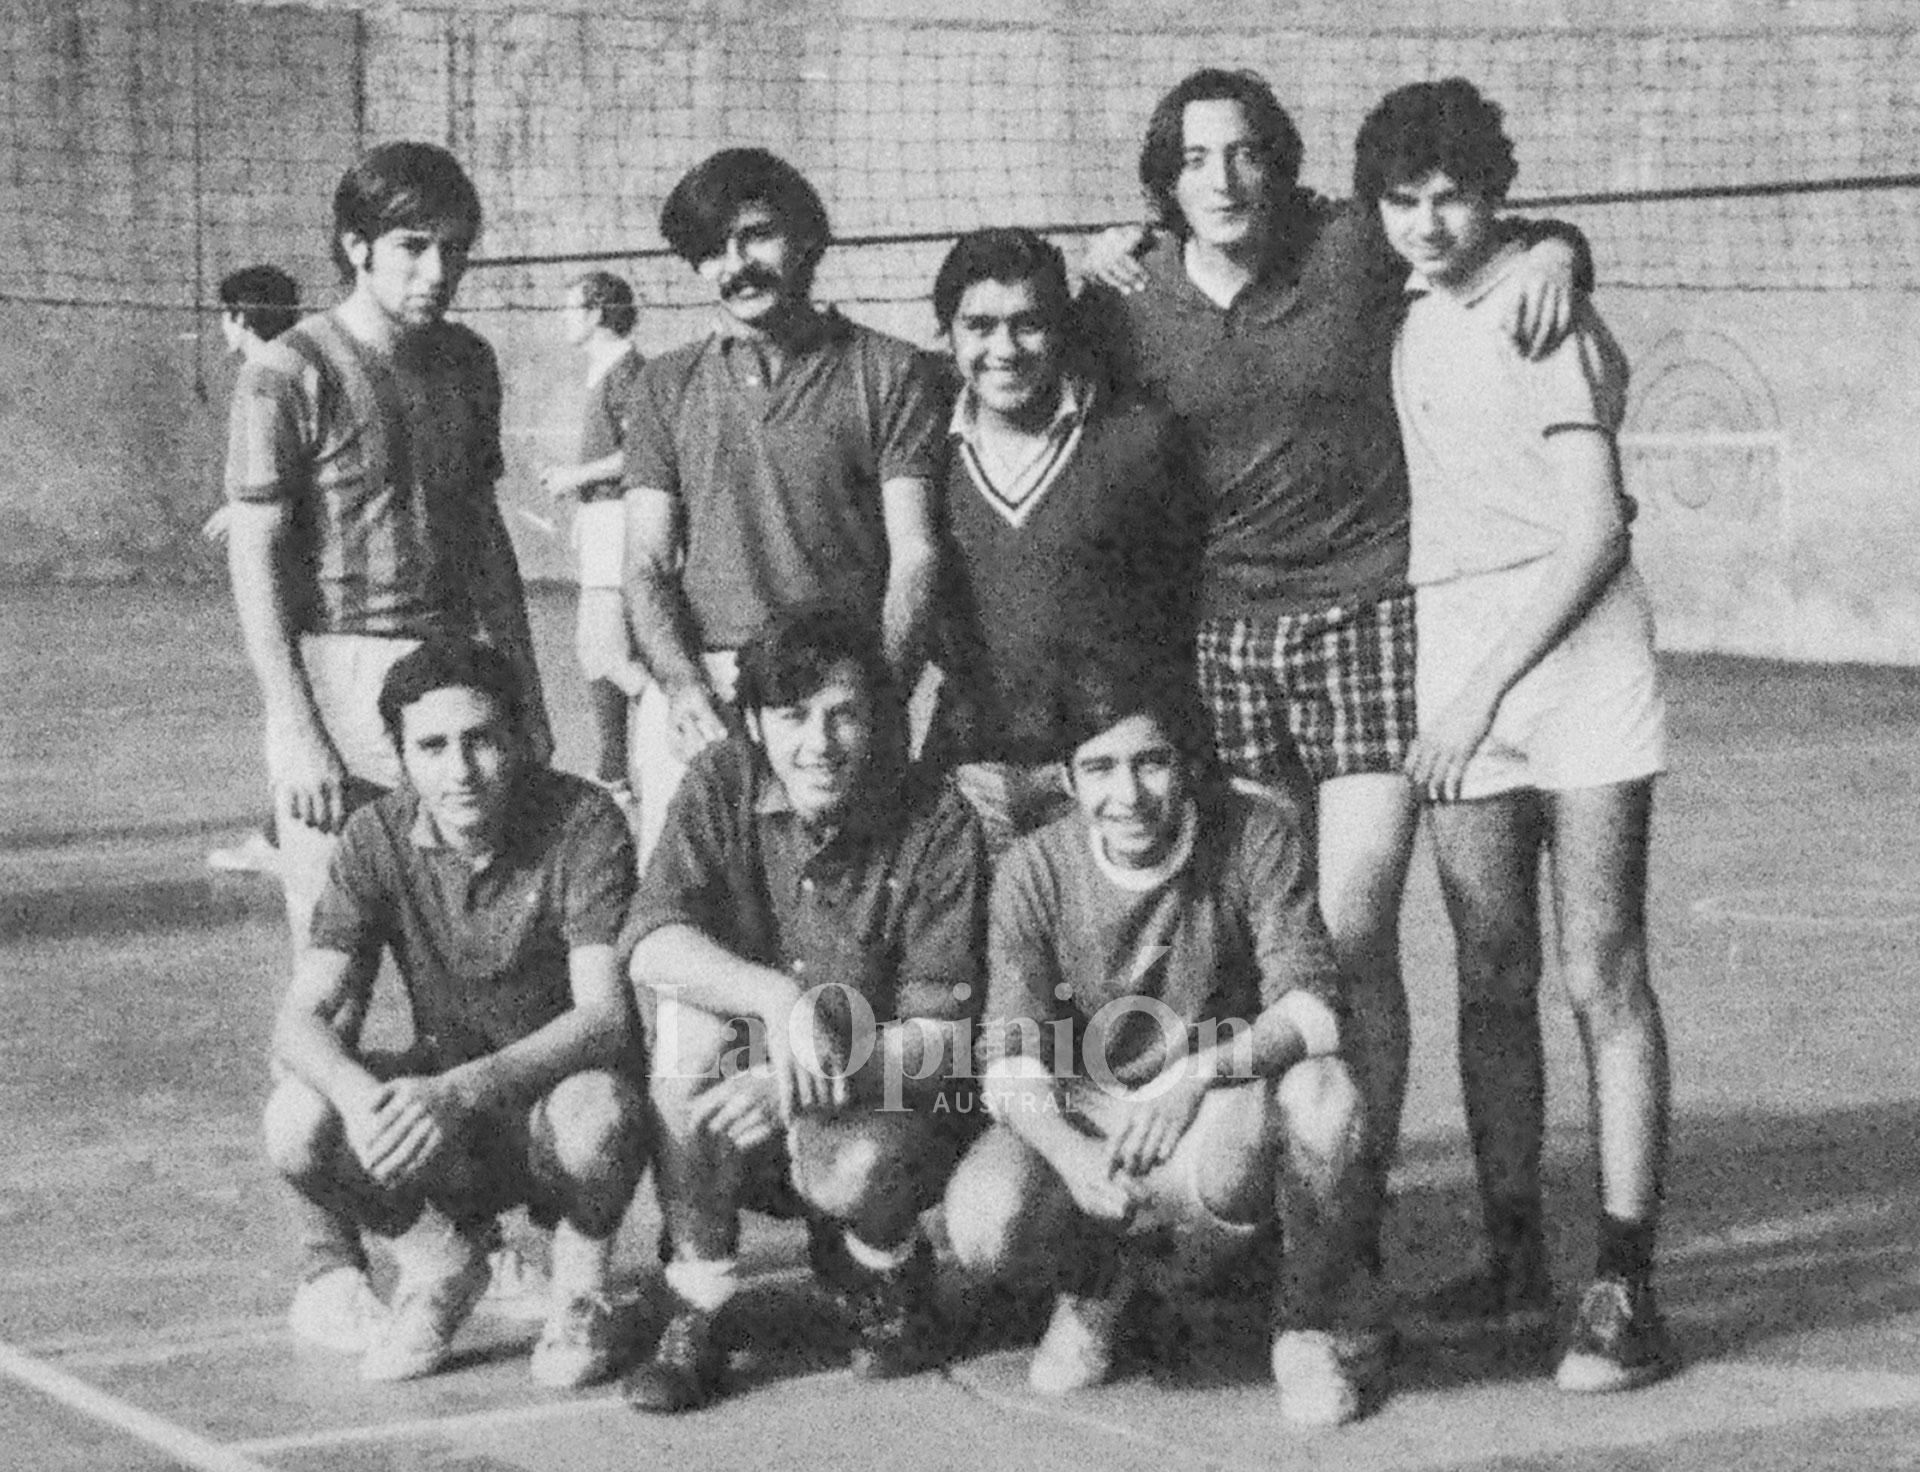 Pepe, agachado debajo de Néstor, en el equipo de vóley del Colegio Guatemala.